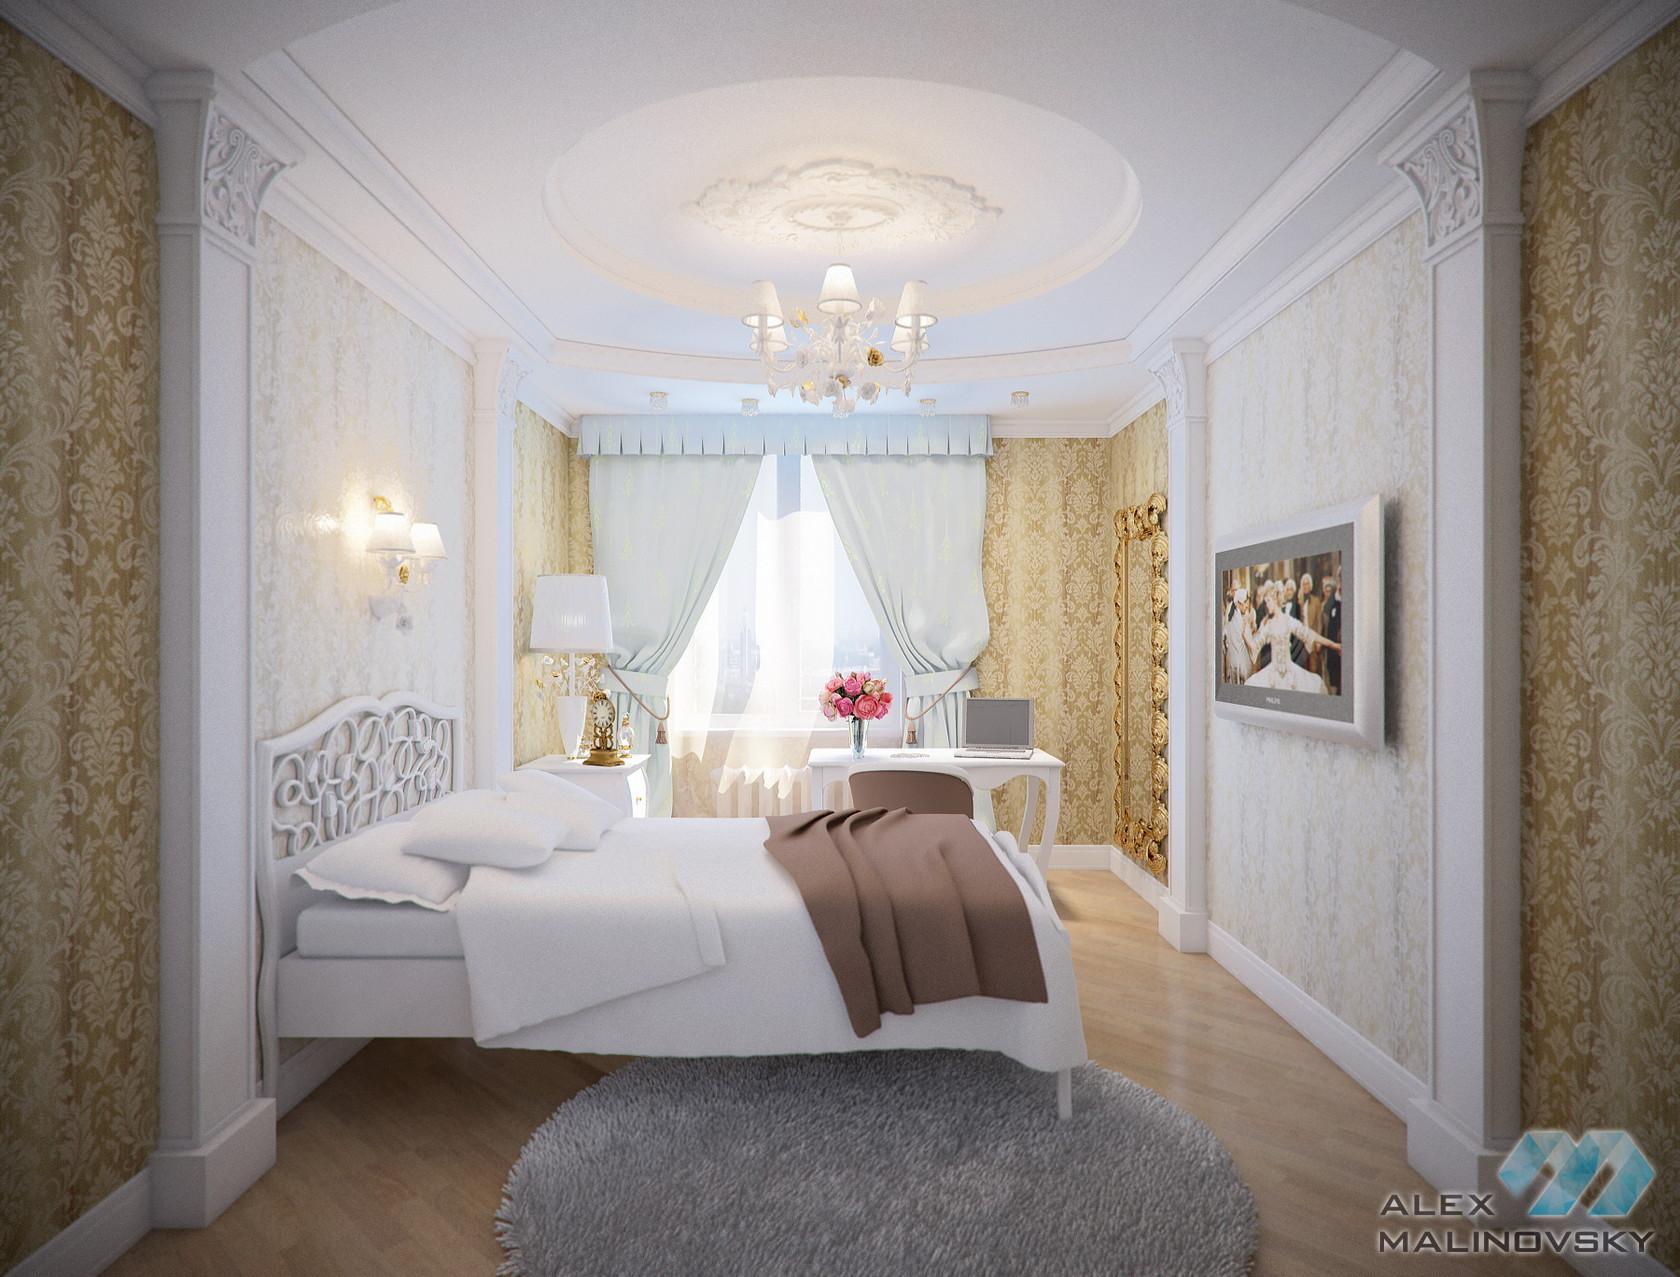 Детская 1, 3х комнатная квартира, ЖК Доминанта, СПб